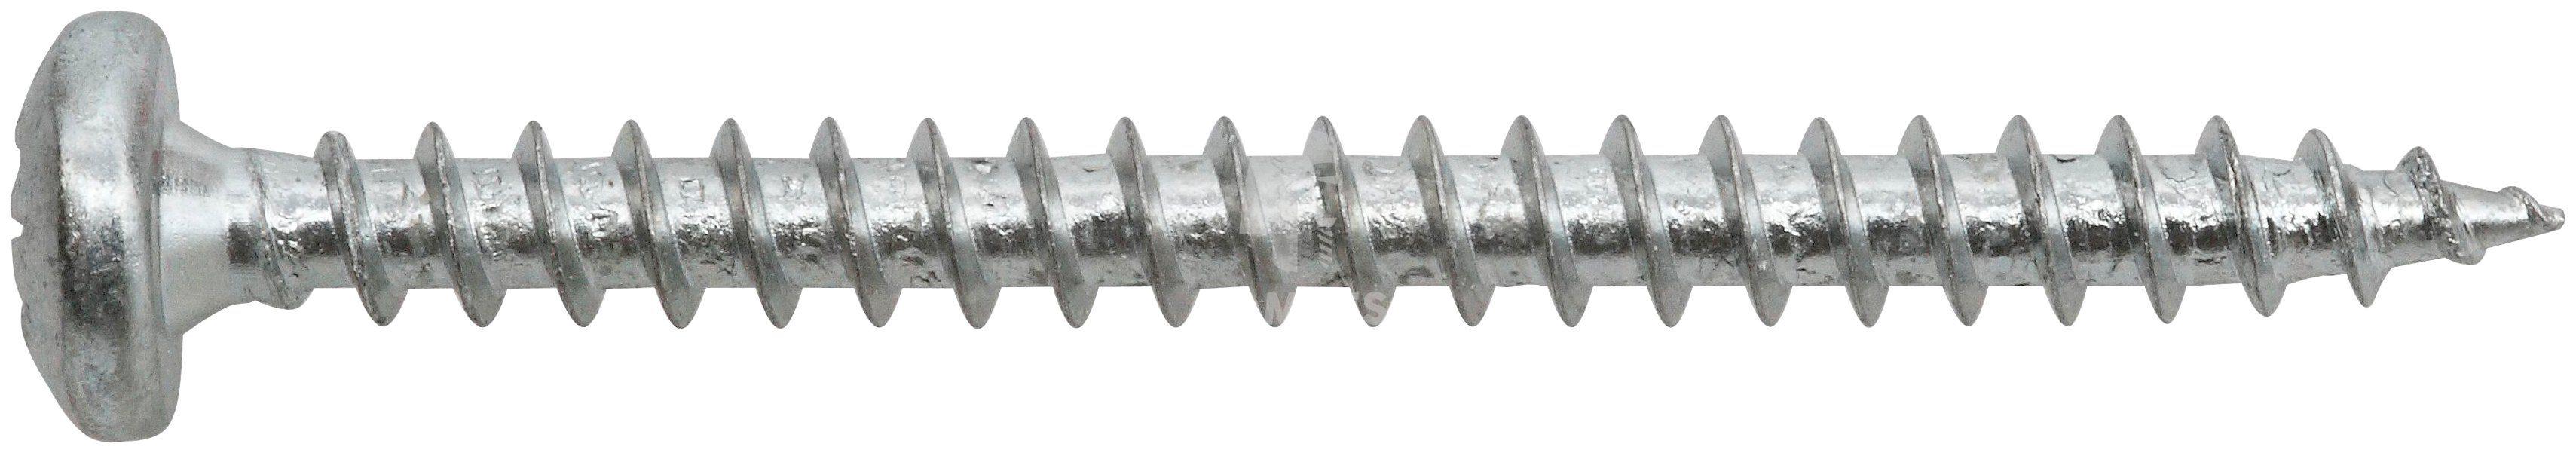 RAMSES Schrauben , Spanplattenschraube 4 x 25 mm PZ2 200 Stk.